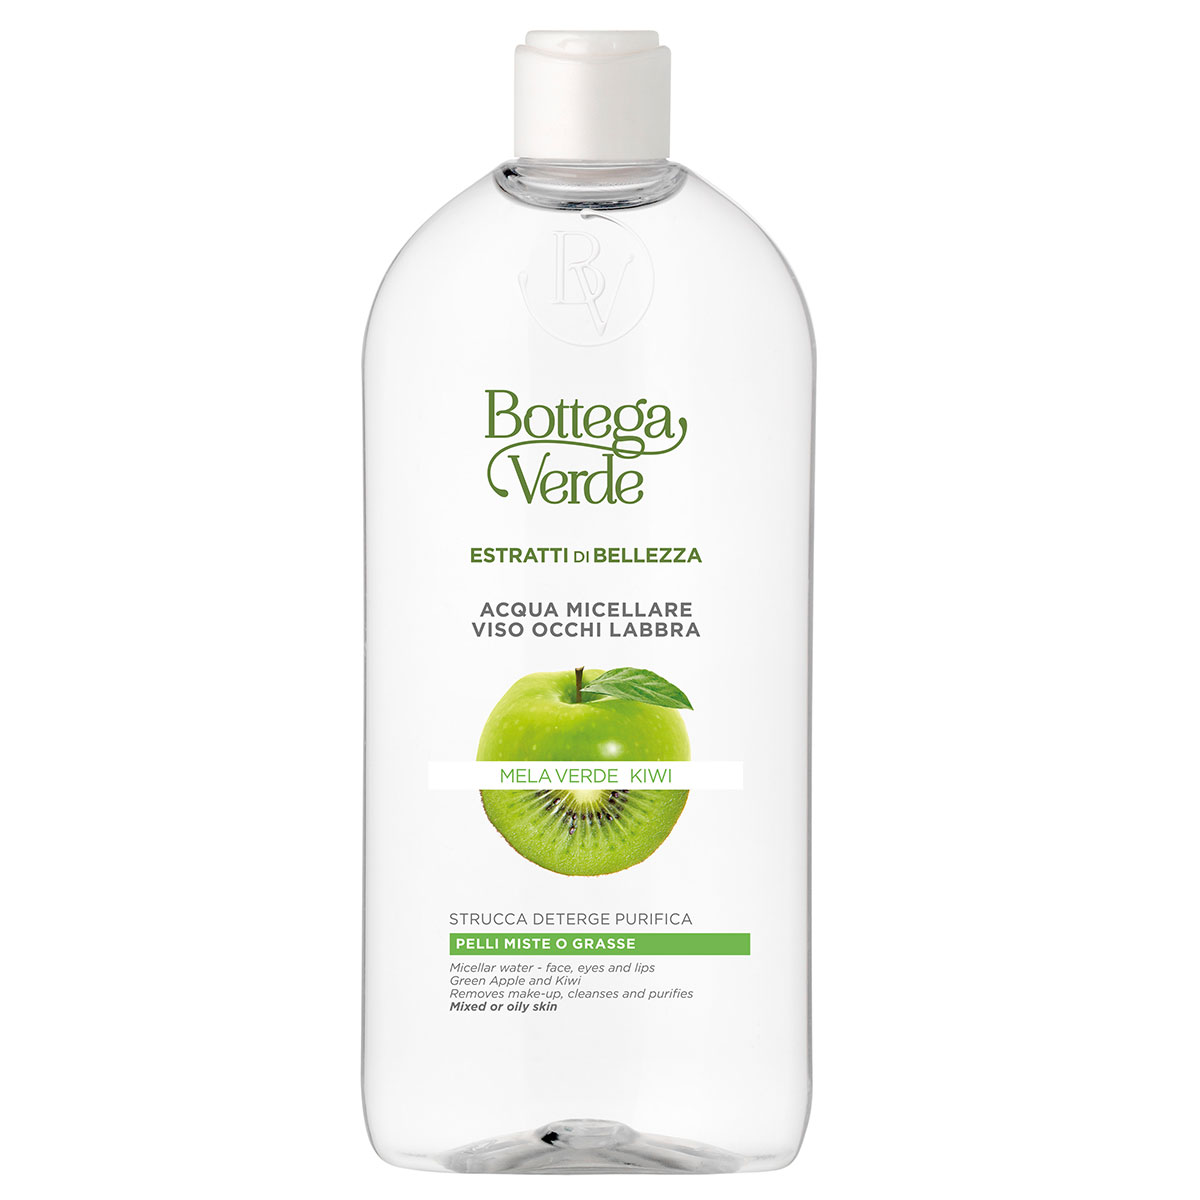 Apa micelara, pentru toate tipurile de ten, cu extract de mar verde si kiwi imagine produs